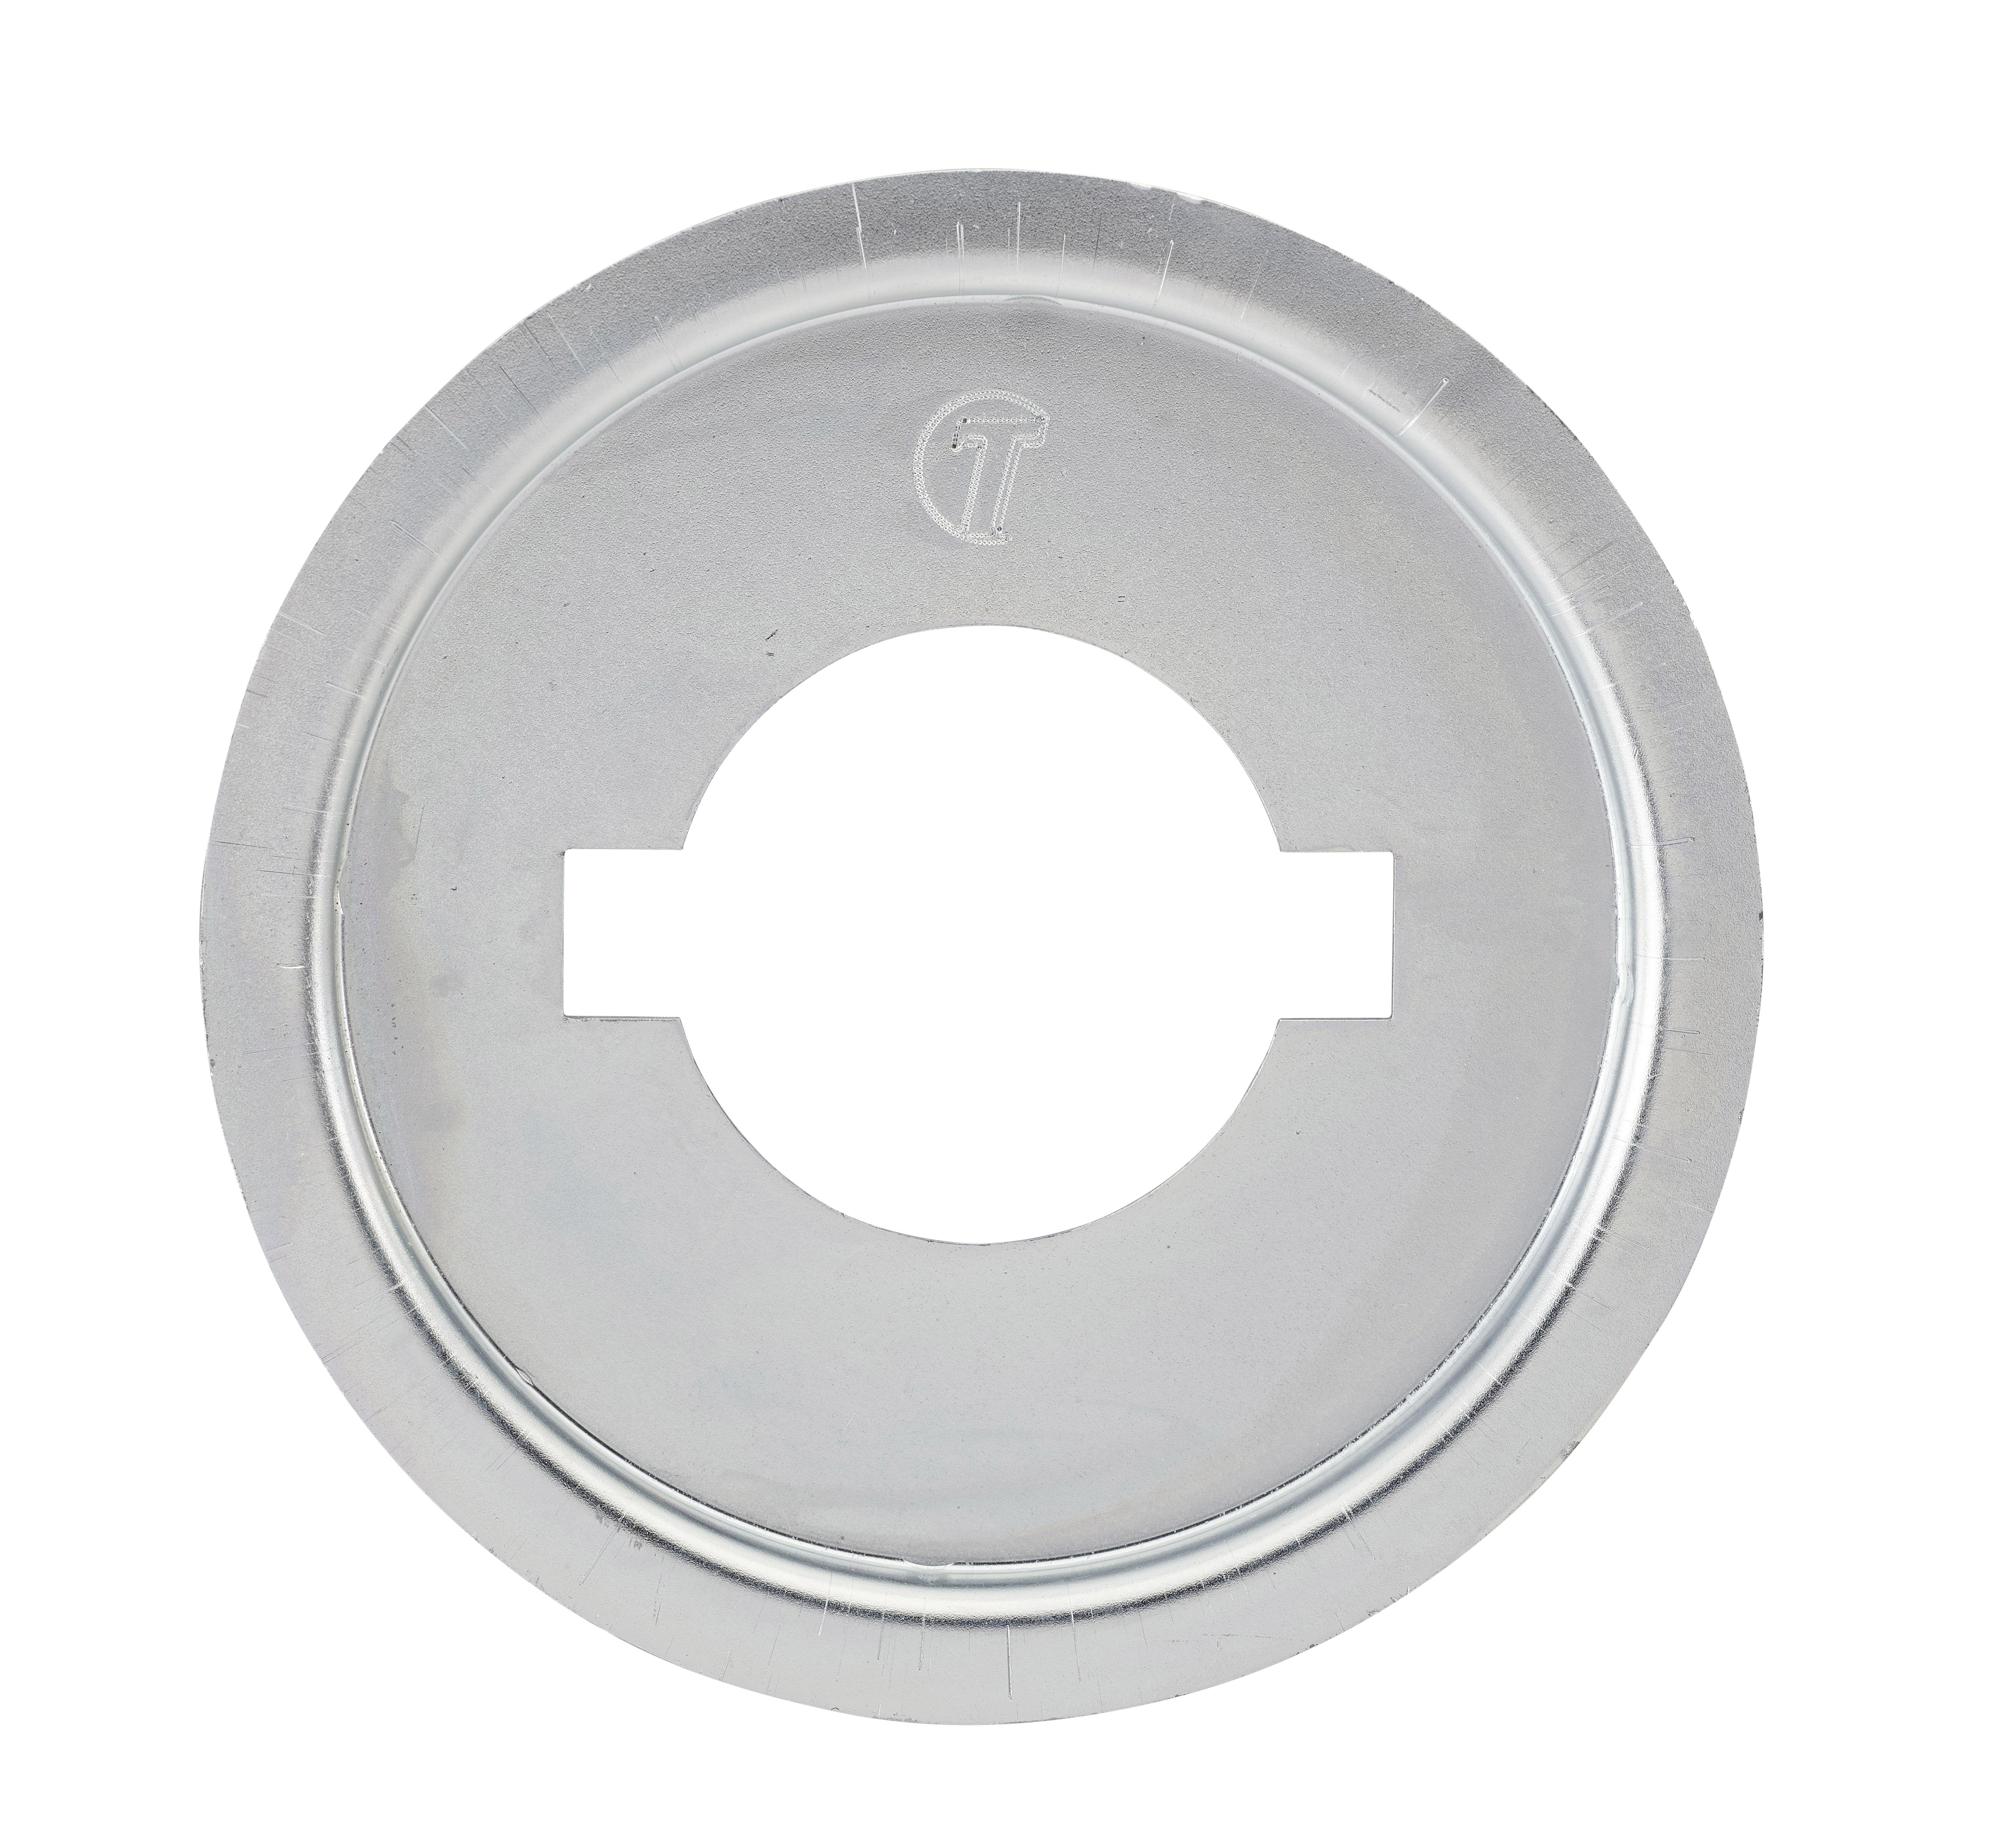 35040 Wheel Brush Adapter Plate